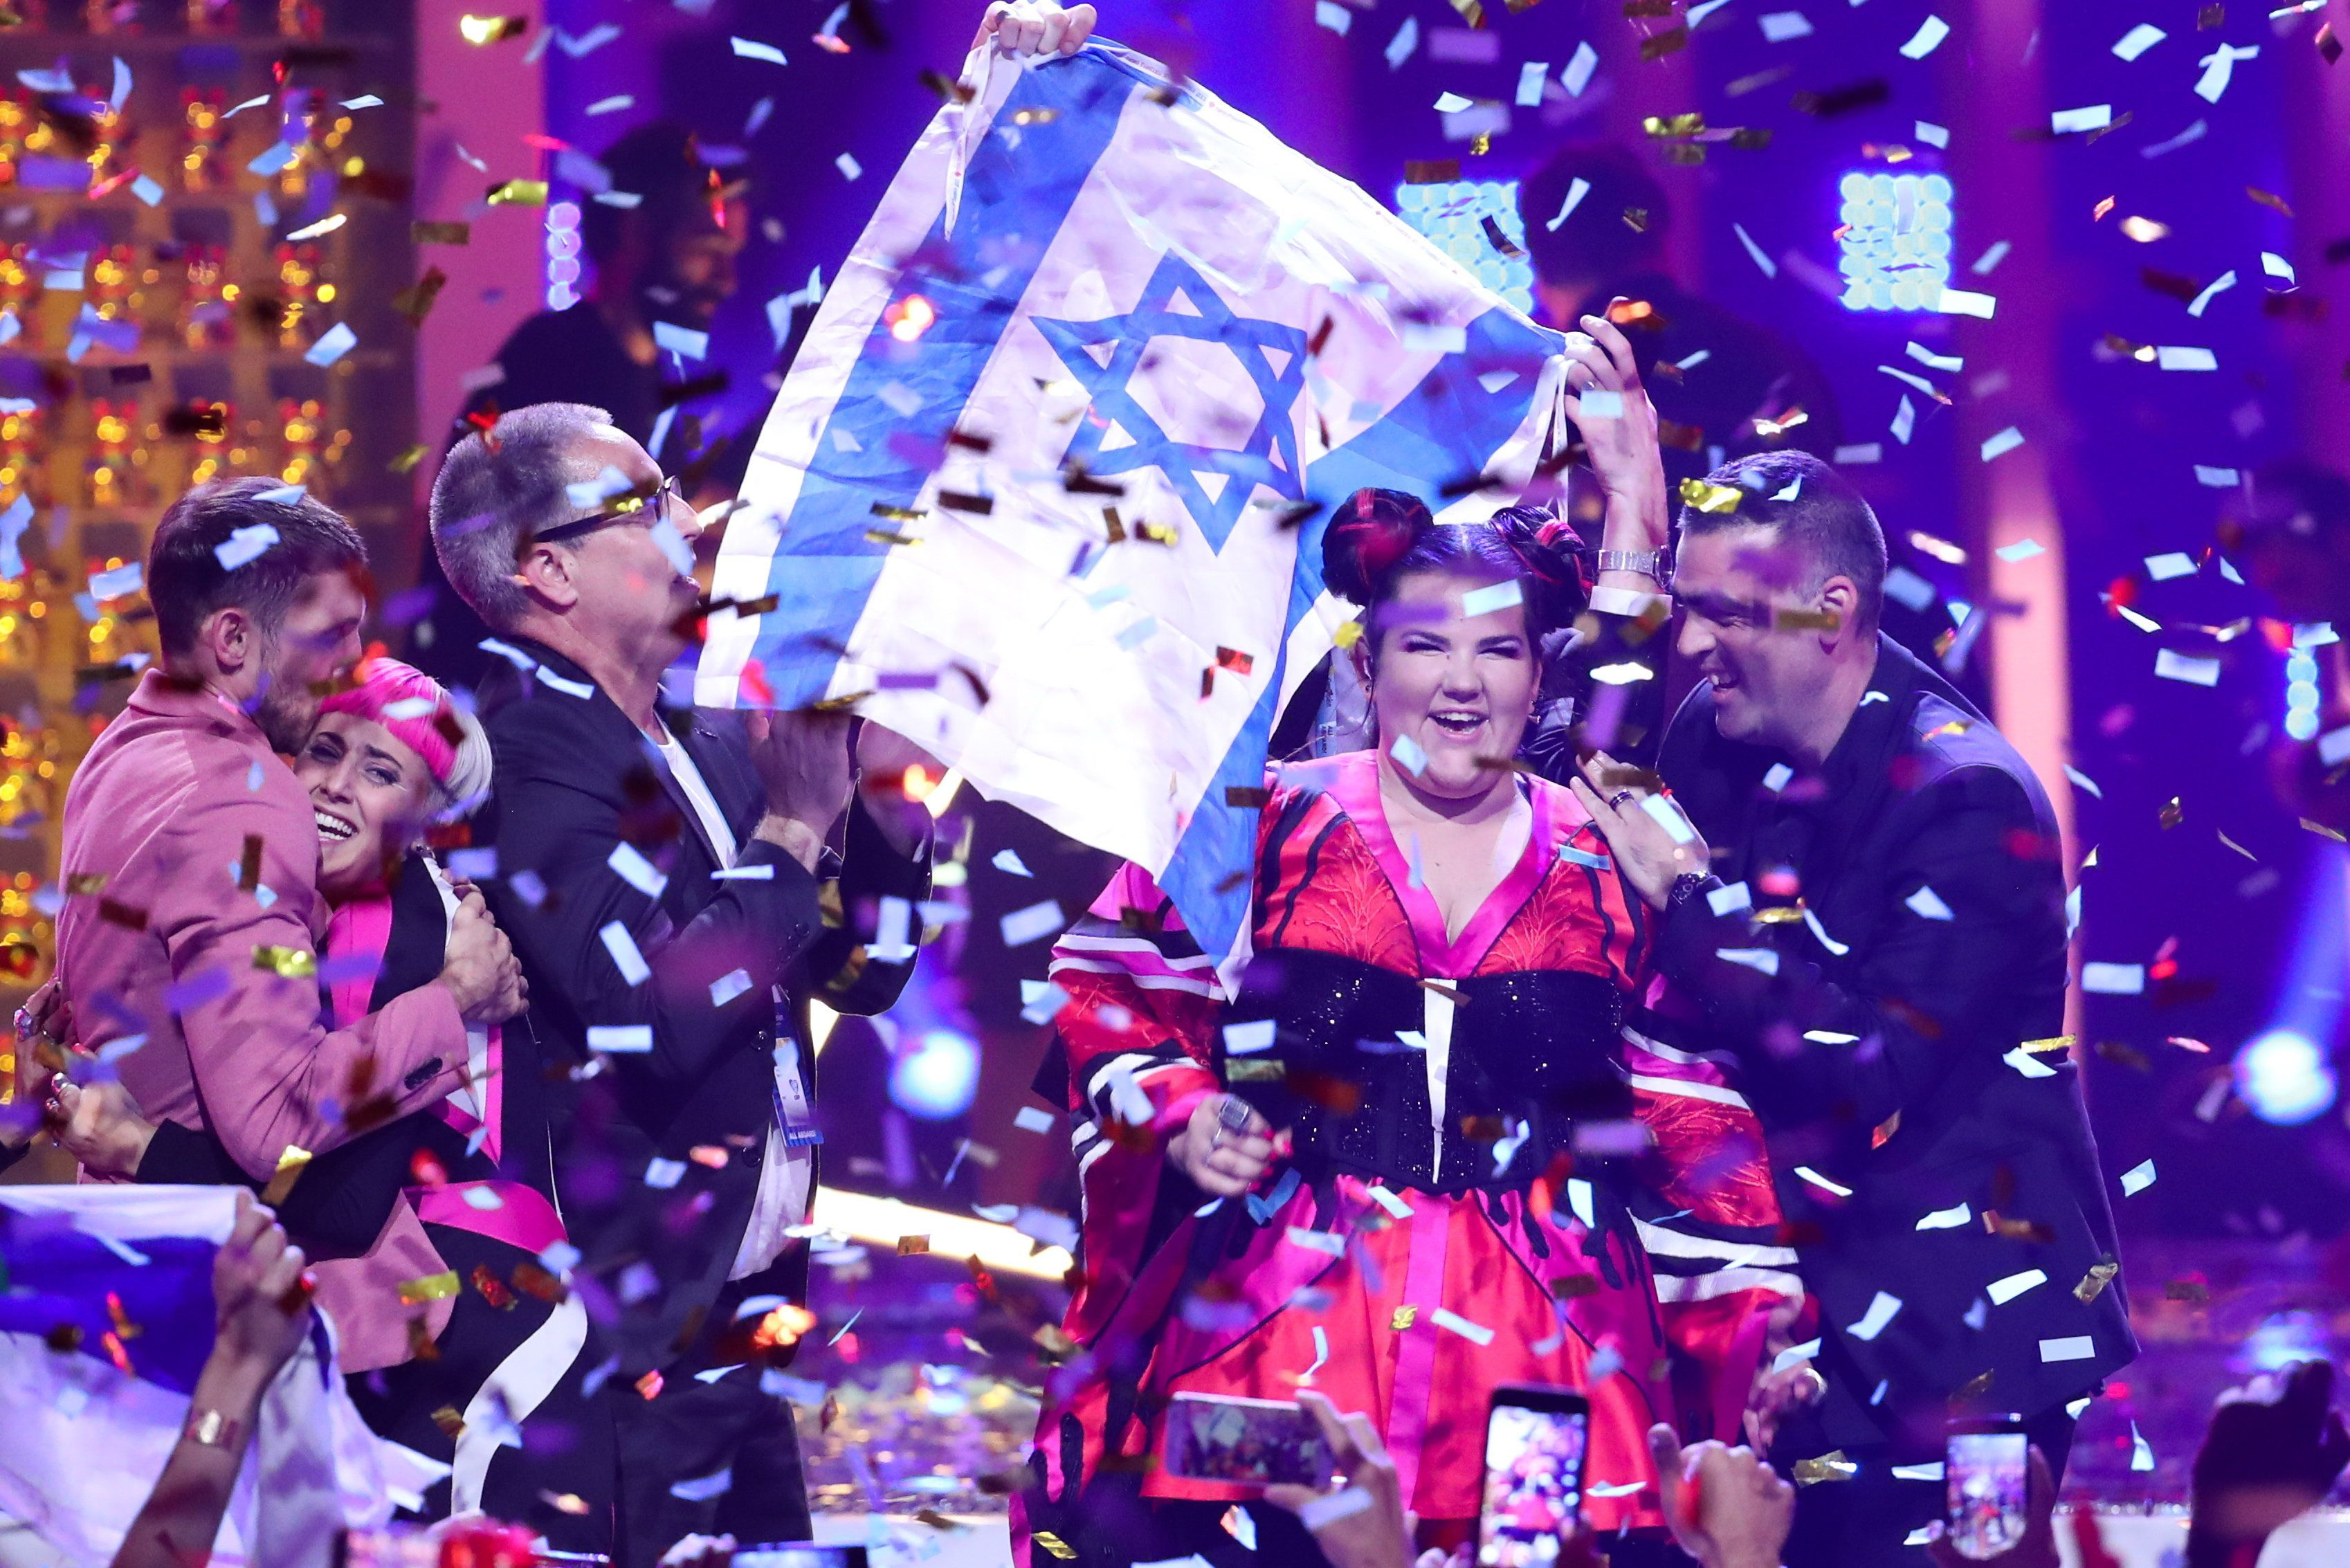 140 καλλιτέχνες από την Ευρώπη (και όχι μόνο) θα μποϊκοτάρουν τον διαγωνισμό τραγουδιού της Eurovision...